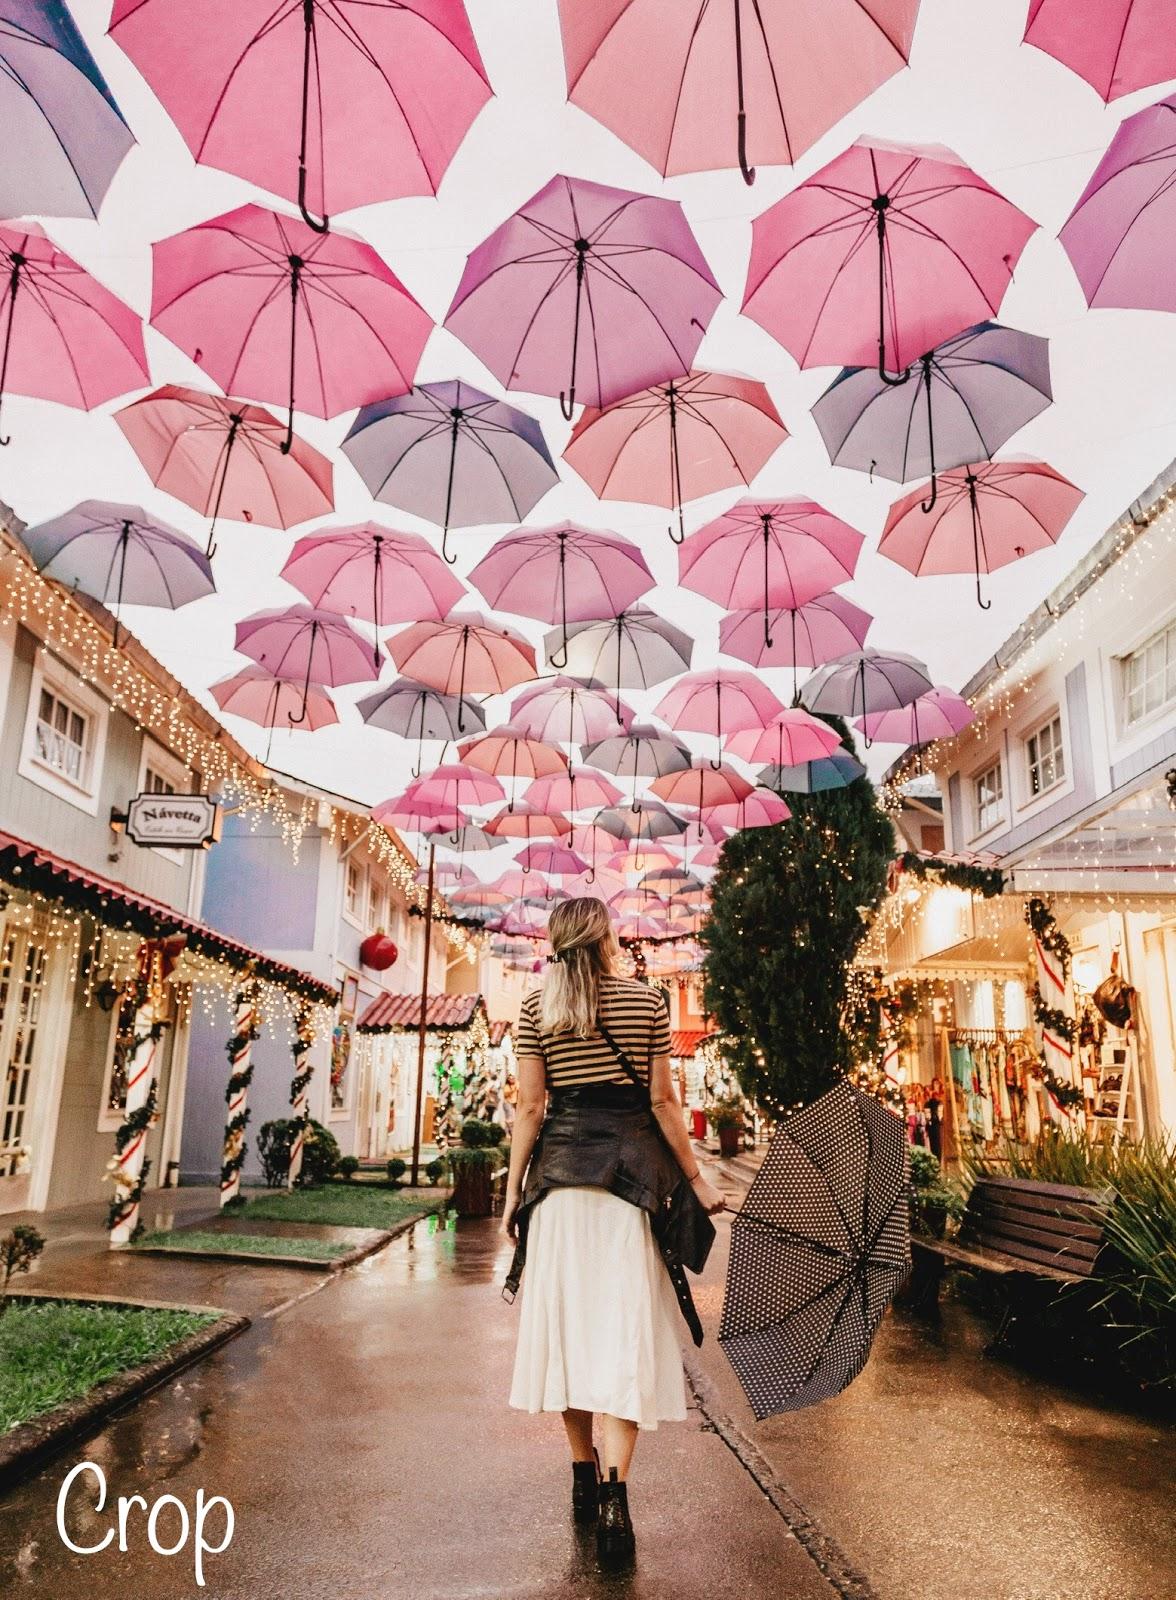 Umbrella (crop)